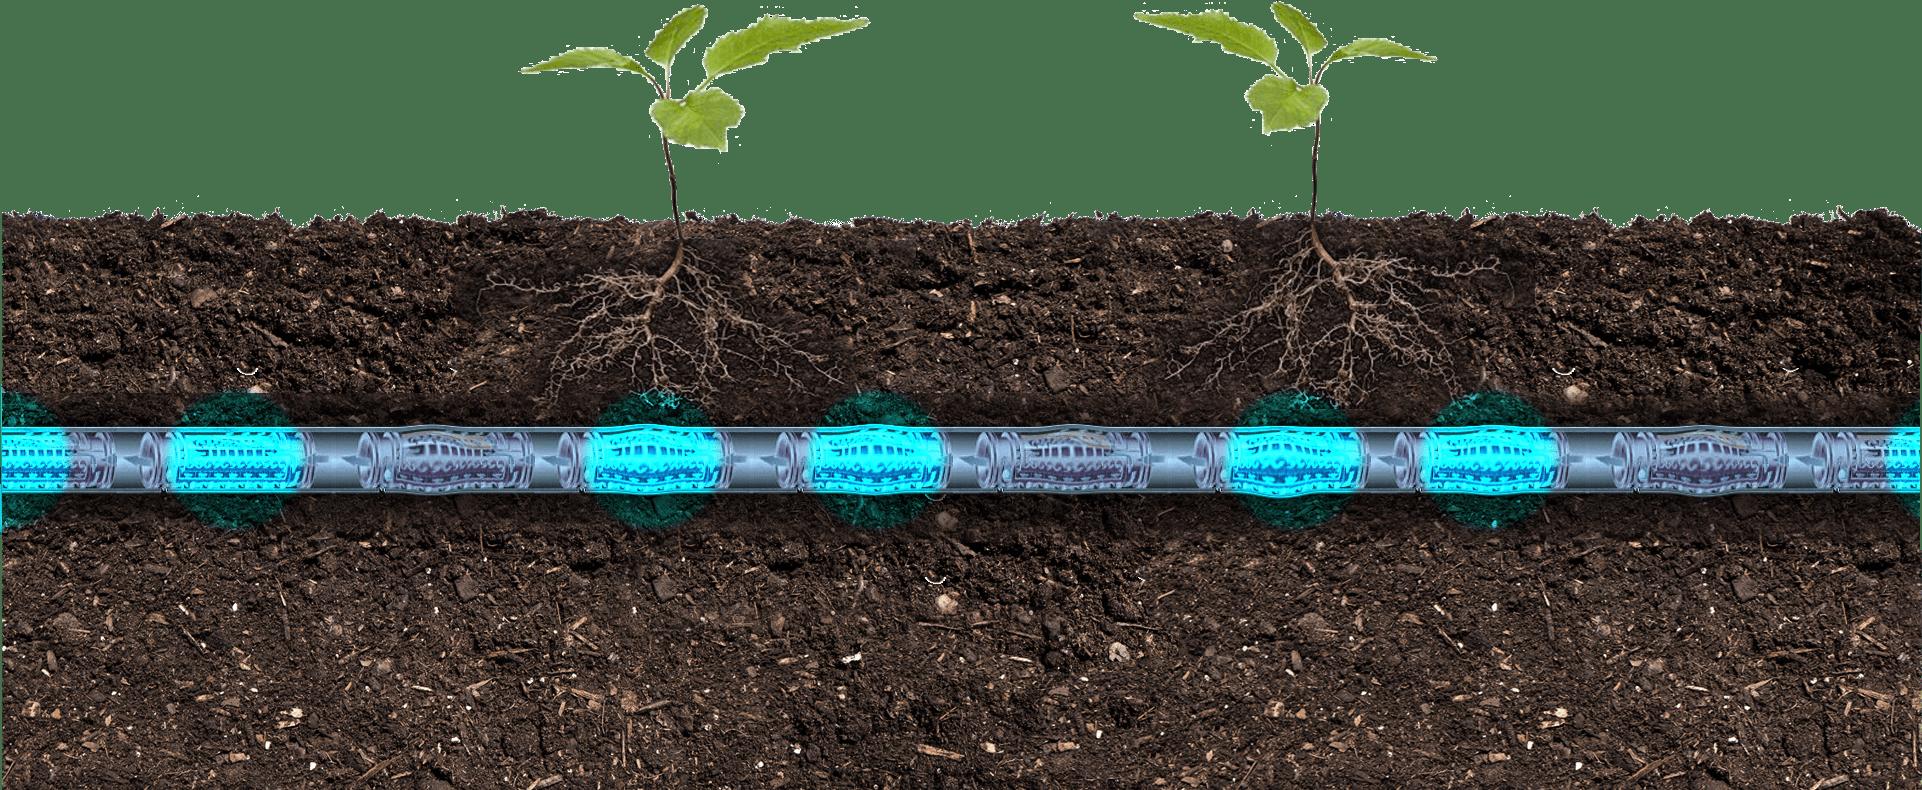 Toprak altı damla sulama sistemi